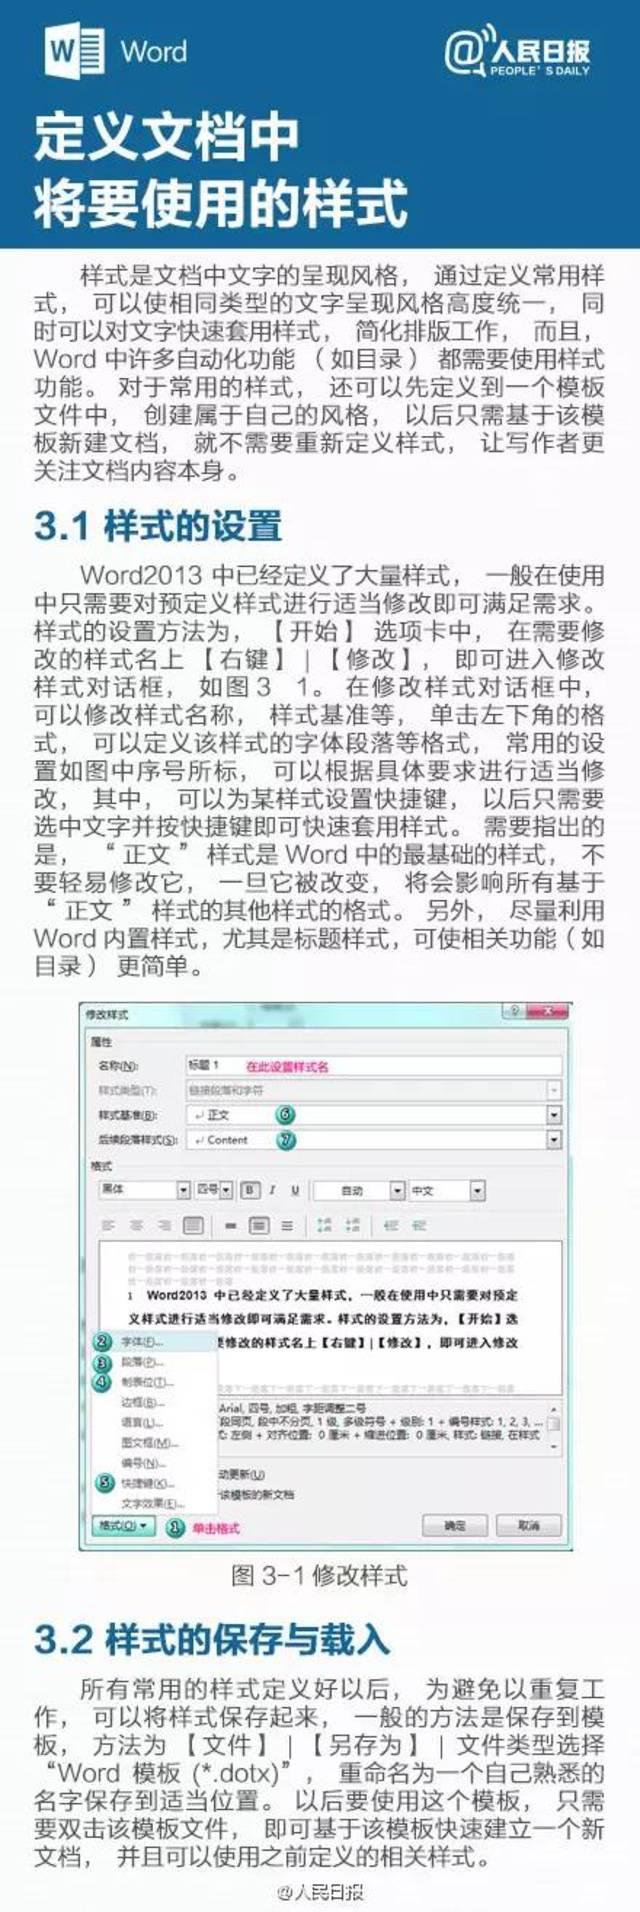 (内附石河子大学本科毕业论文v本科格式、装修设计web图片